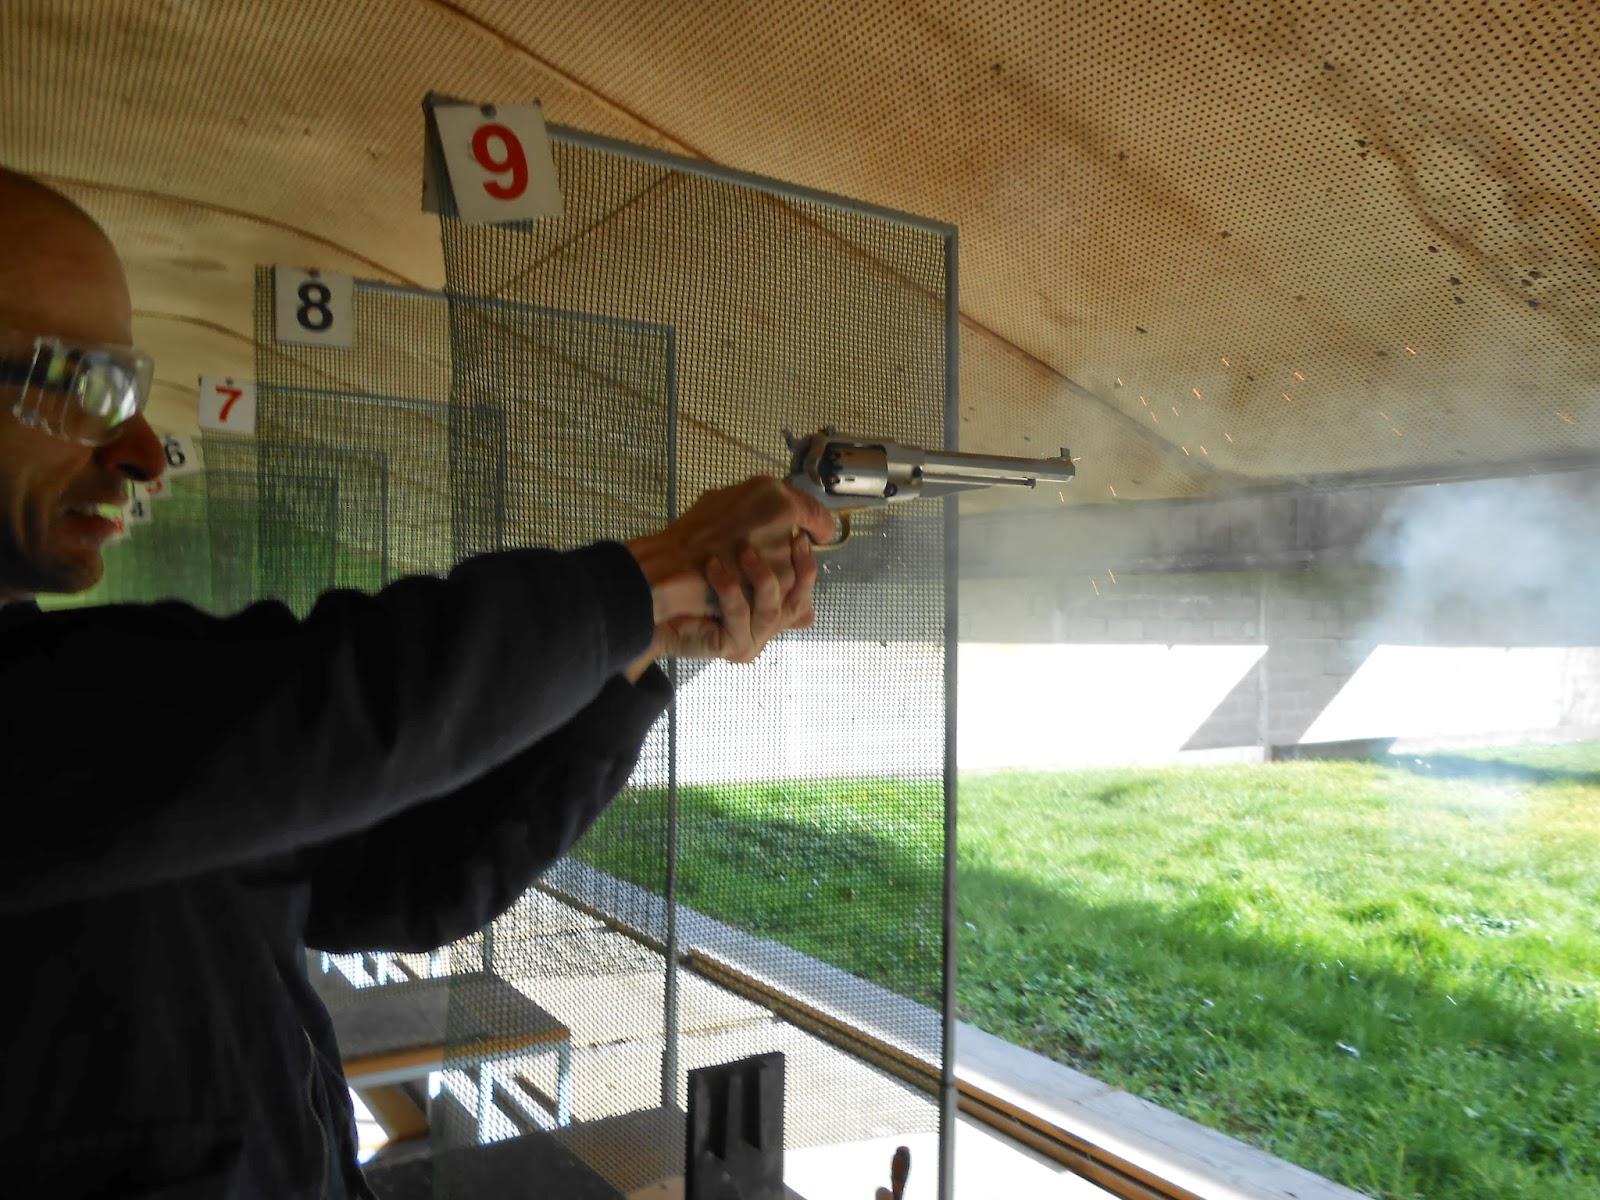 tir remington poudre noire